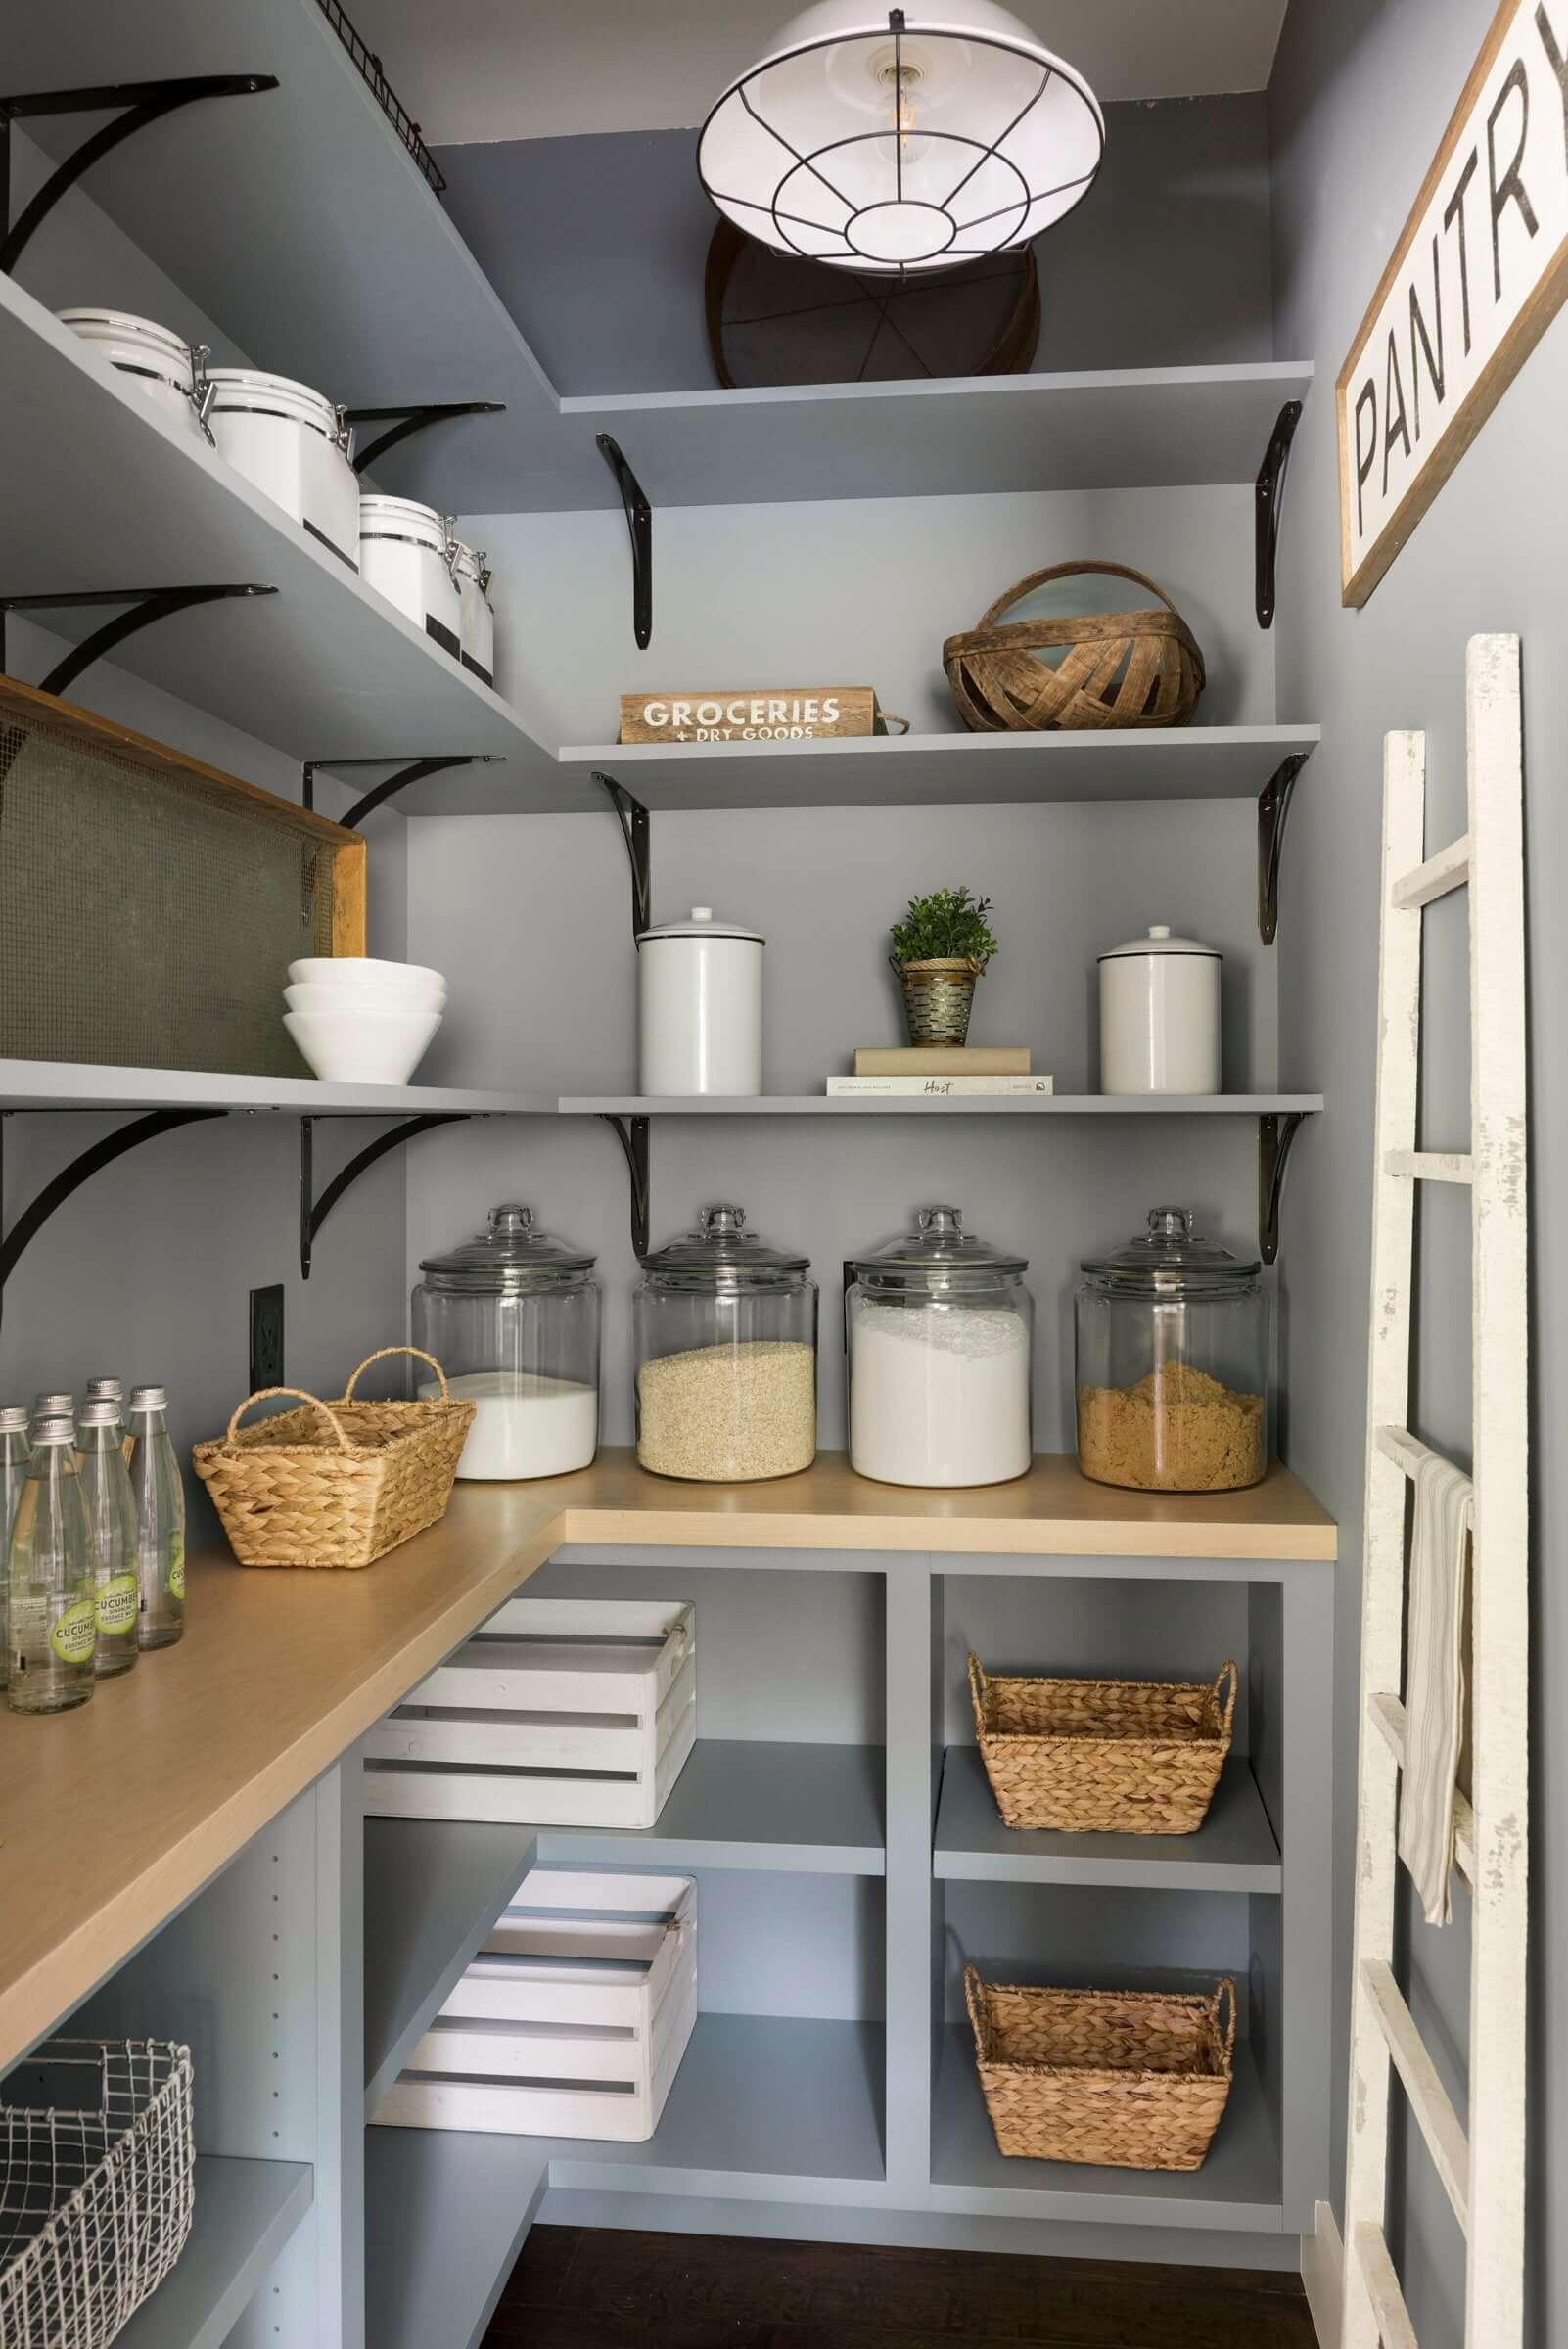 стеллажи для организации кладовой на кухне фото 13